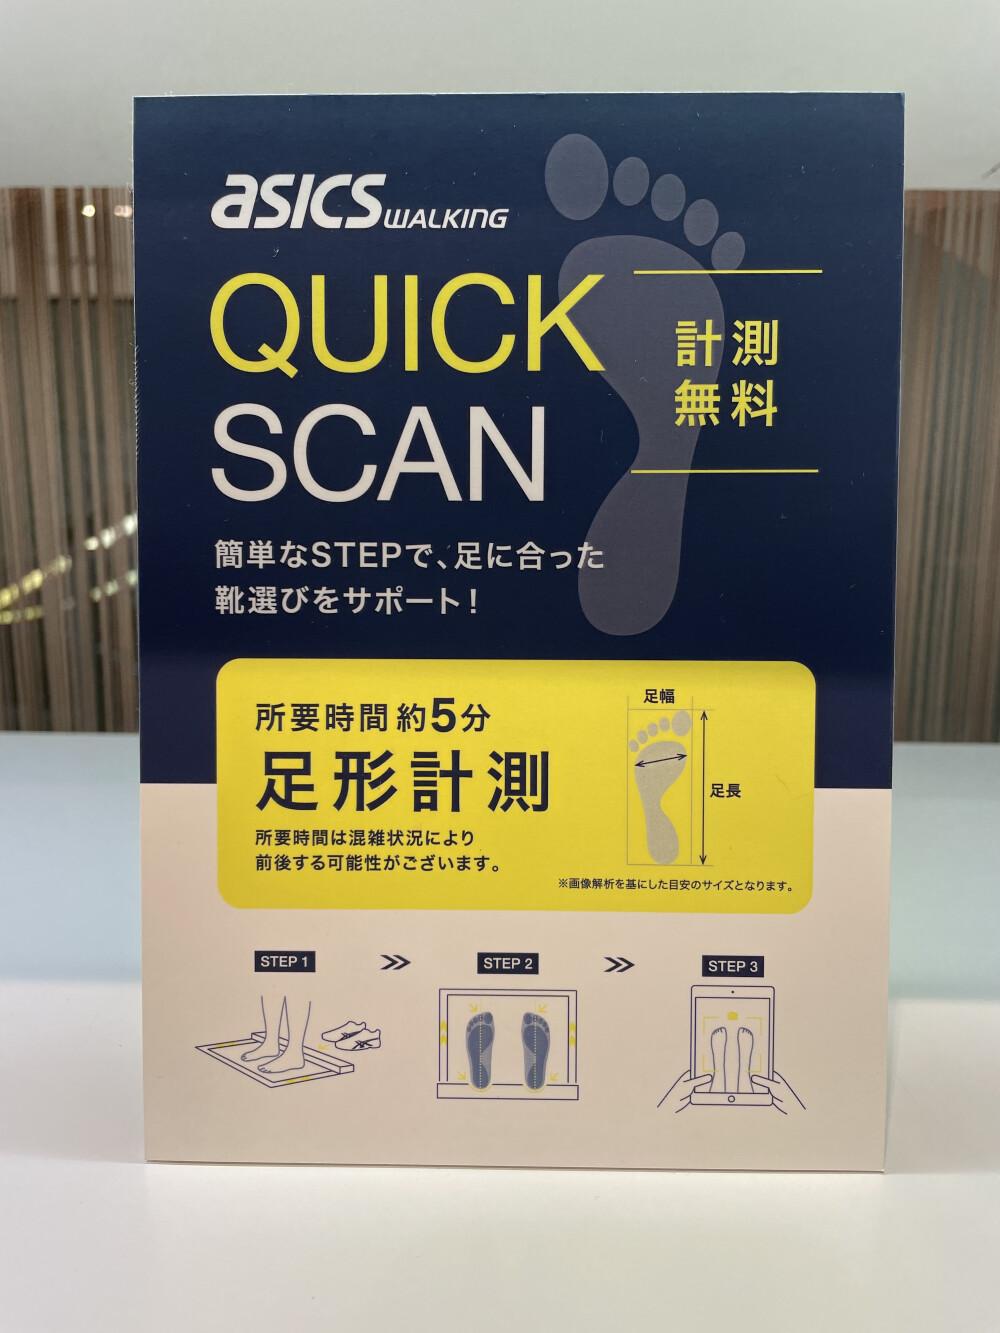 🎥🎞婦人靴【アシックス】足型計測のご紹介🎥🎞